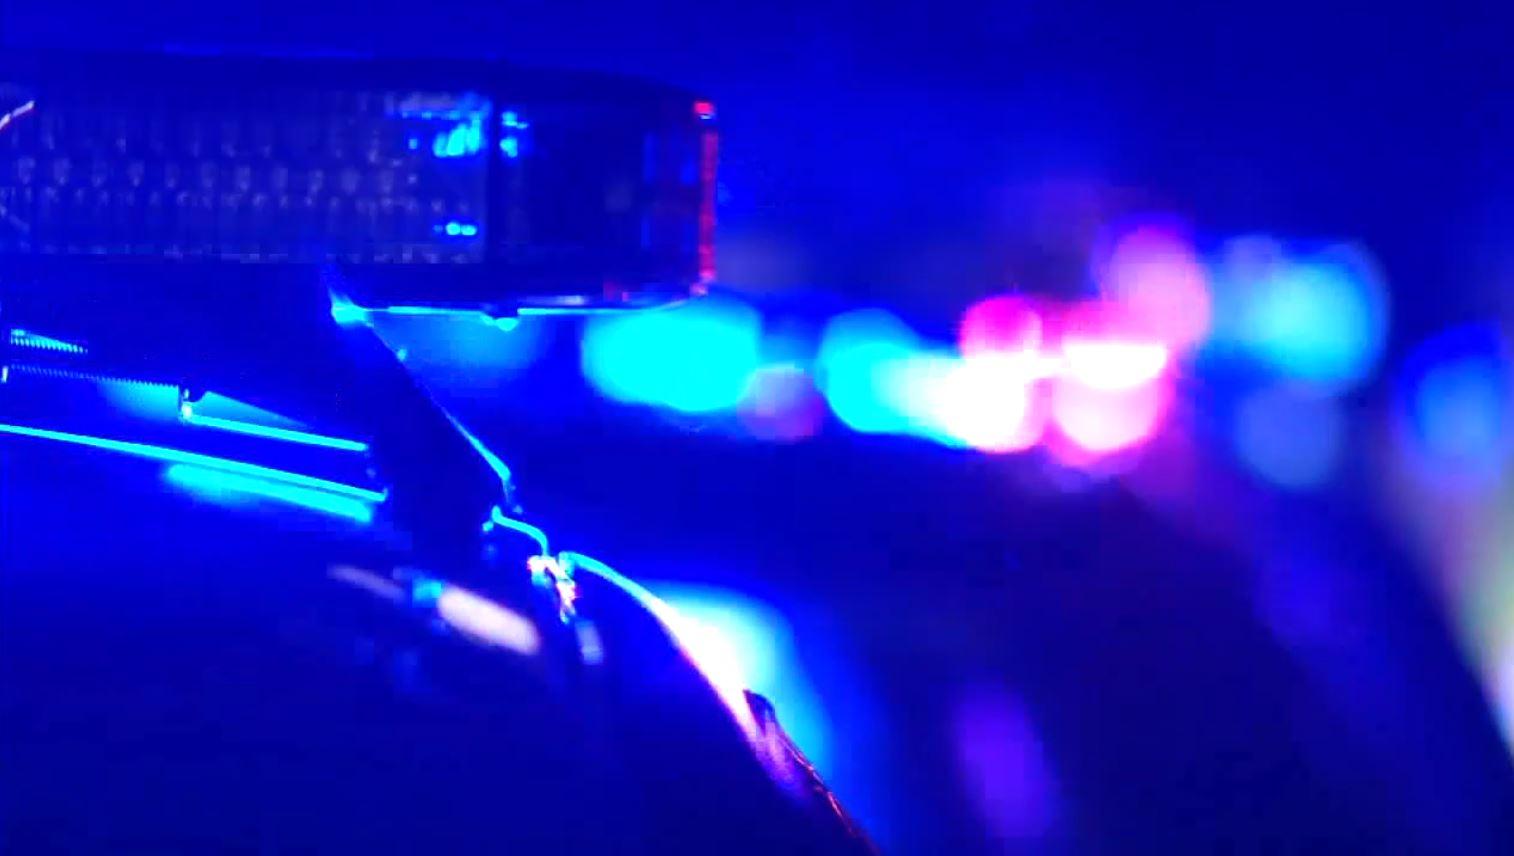 POLICE LIGHTS MULTI_WATE_1556056854067.JPG-727168854.jpg